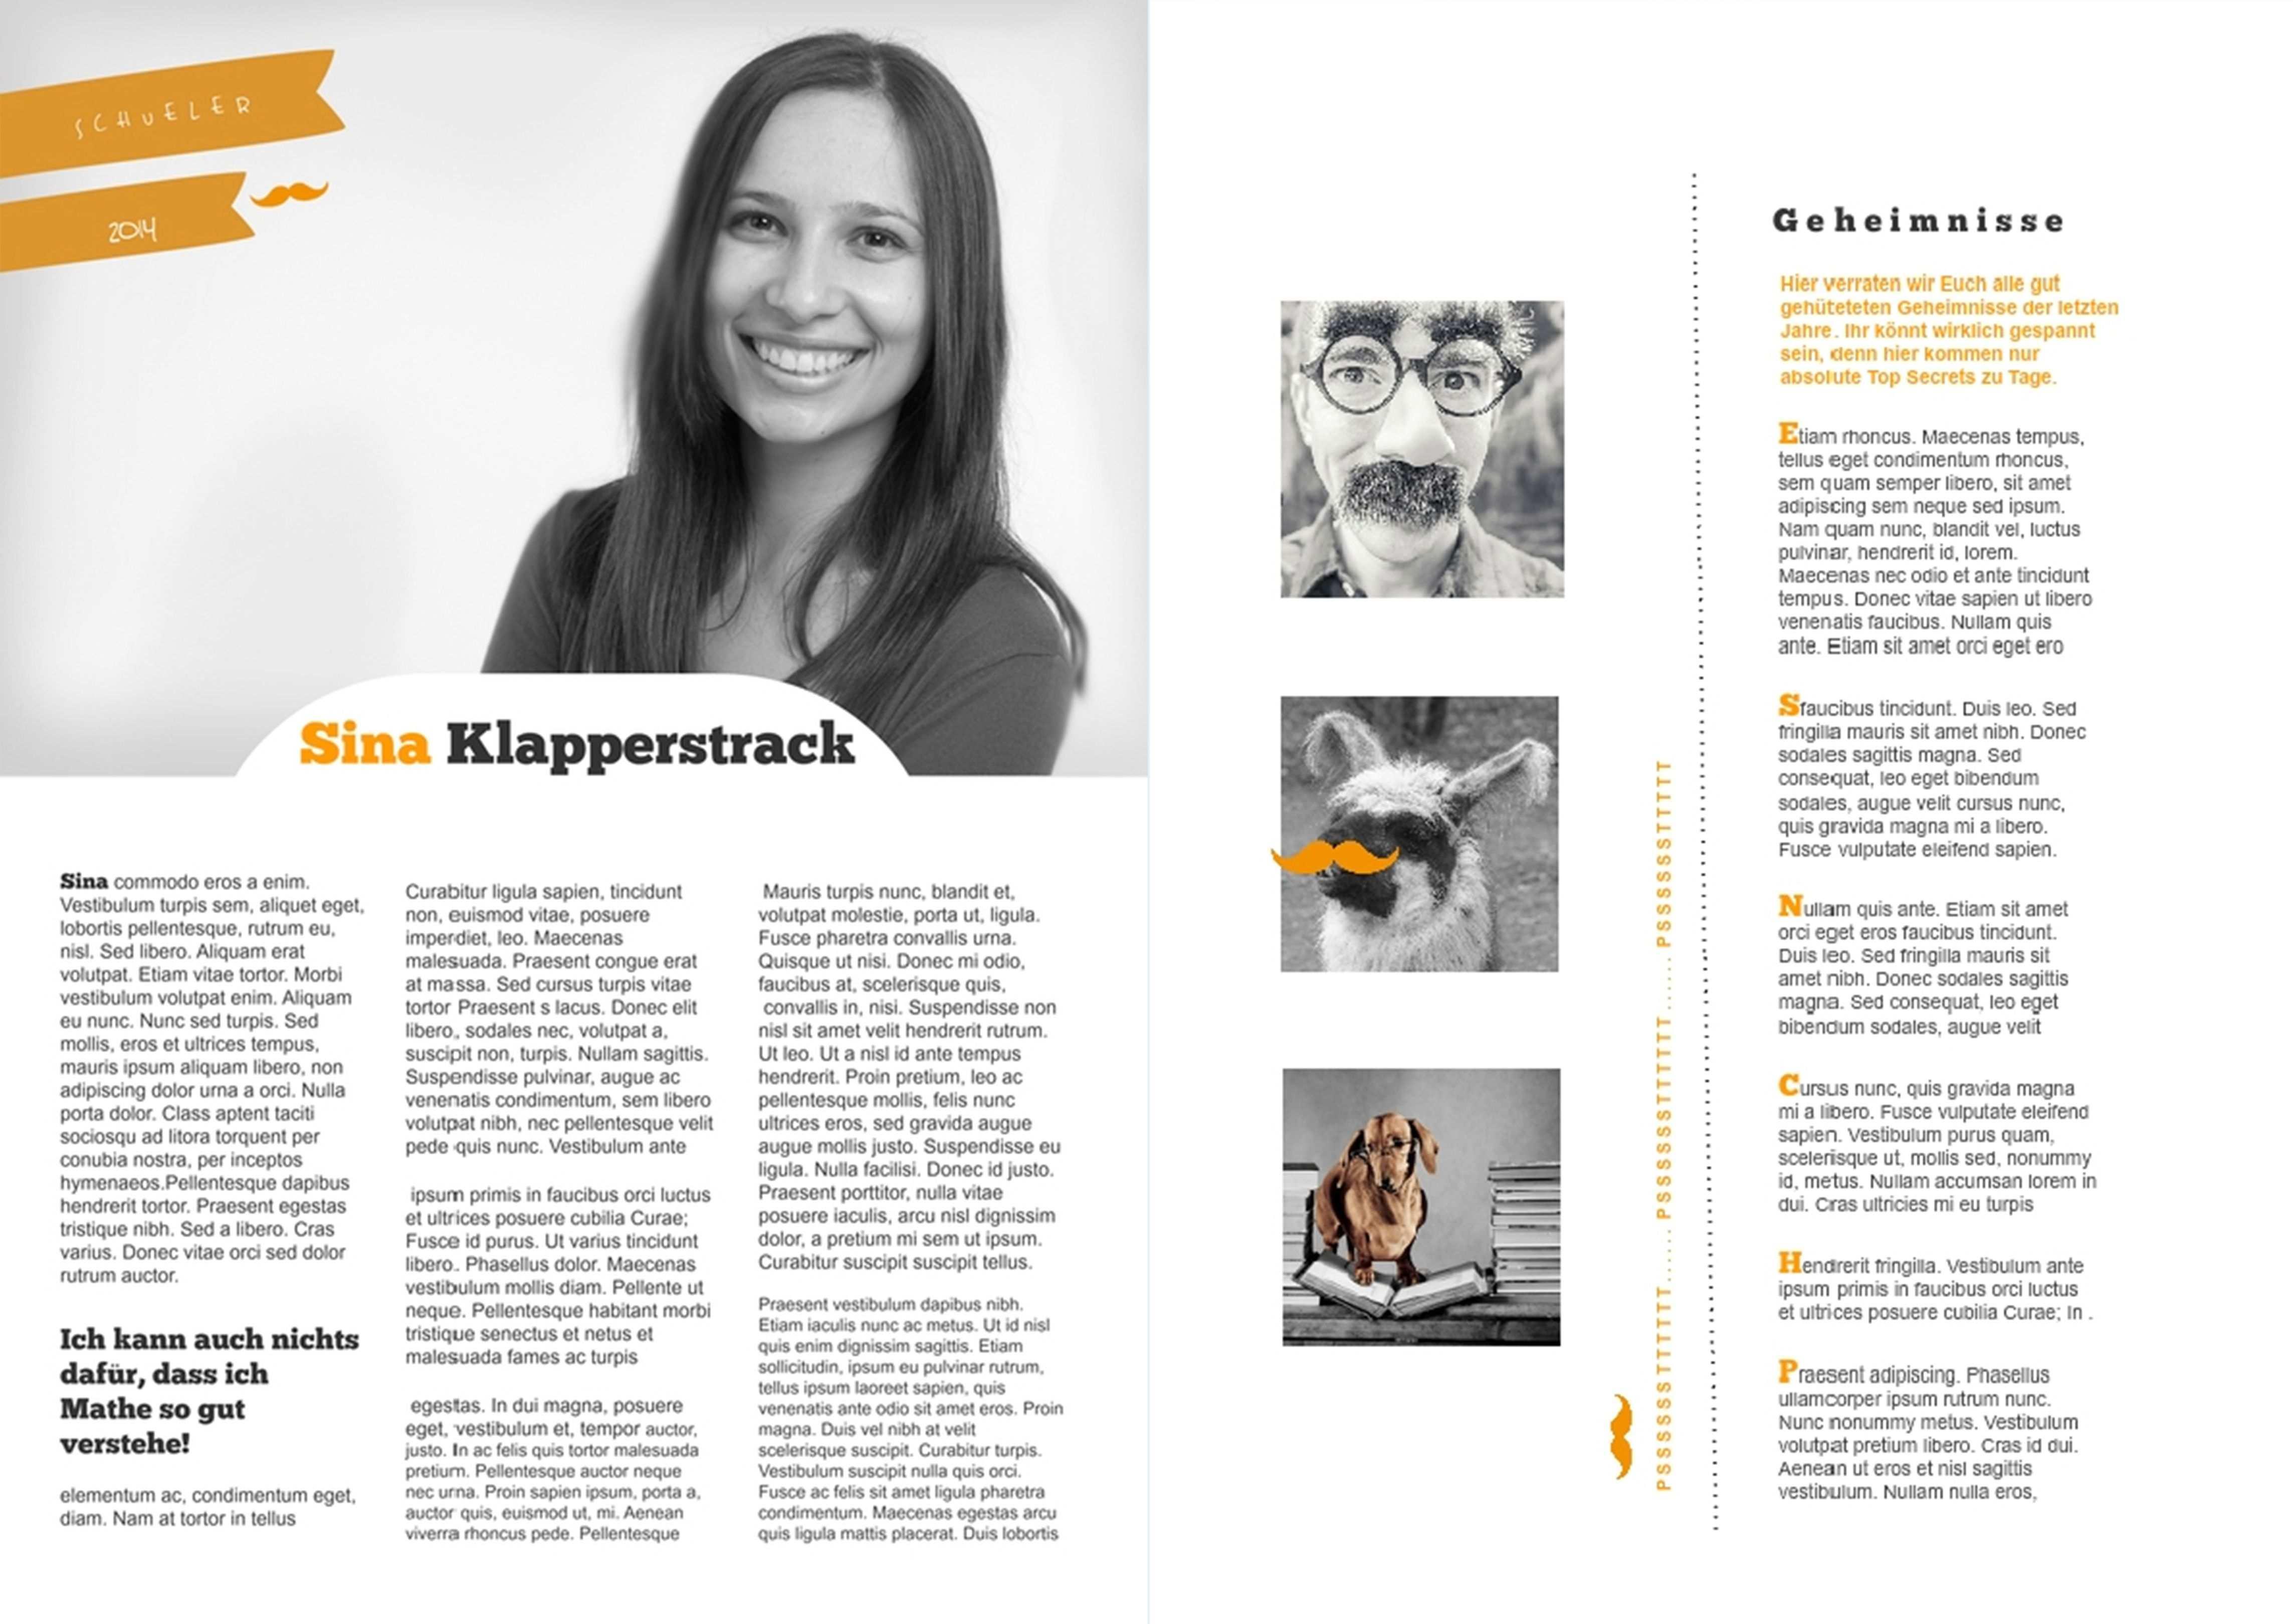 Abizeitung Gestalten Leicht Gemacht Abizeitung Erstellen Mit Jilster Abizeitung Zeitung Zeitschriften